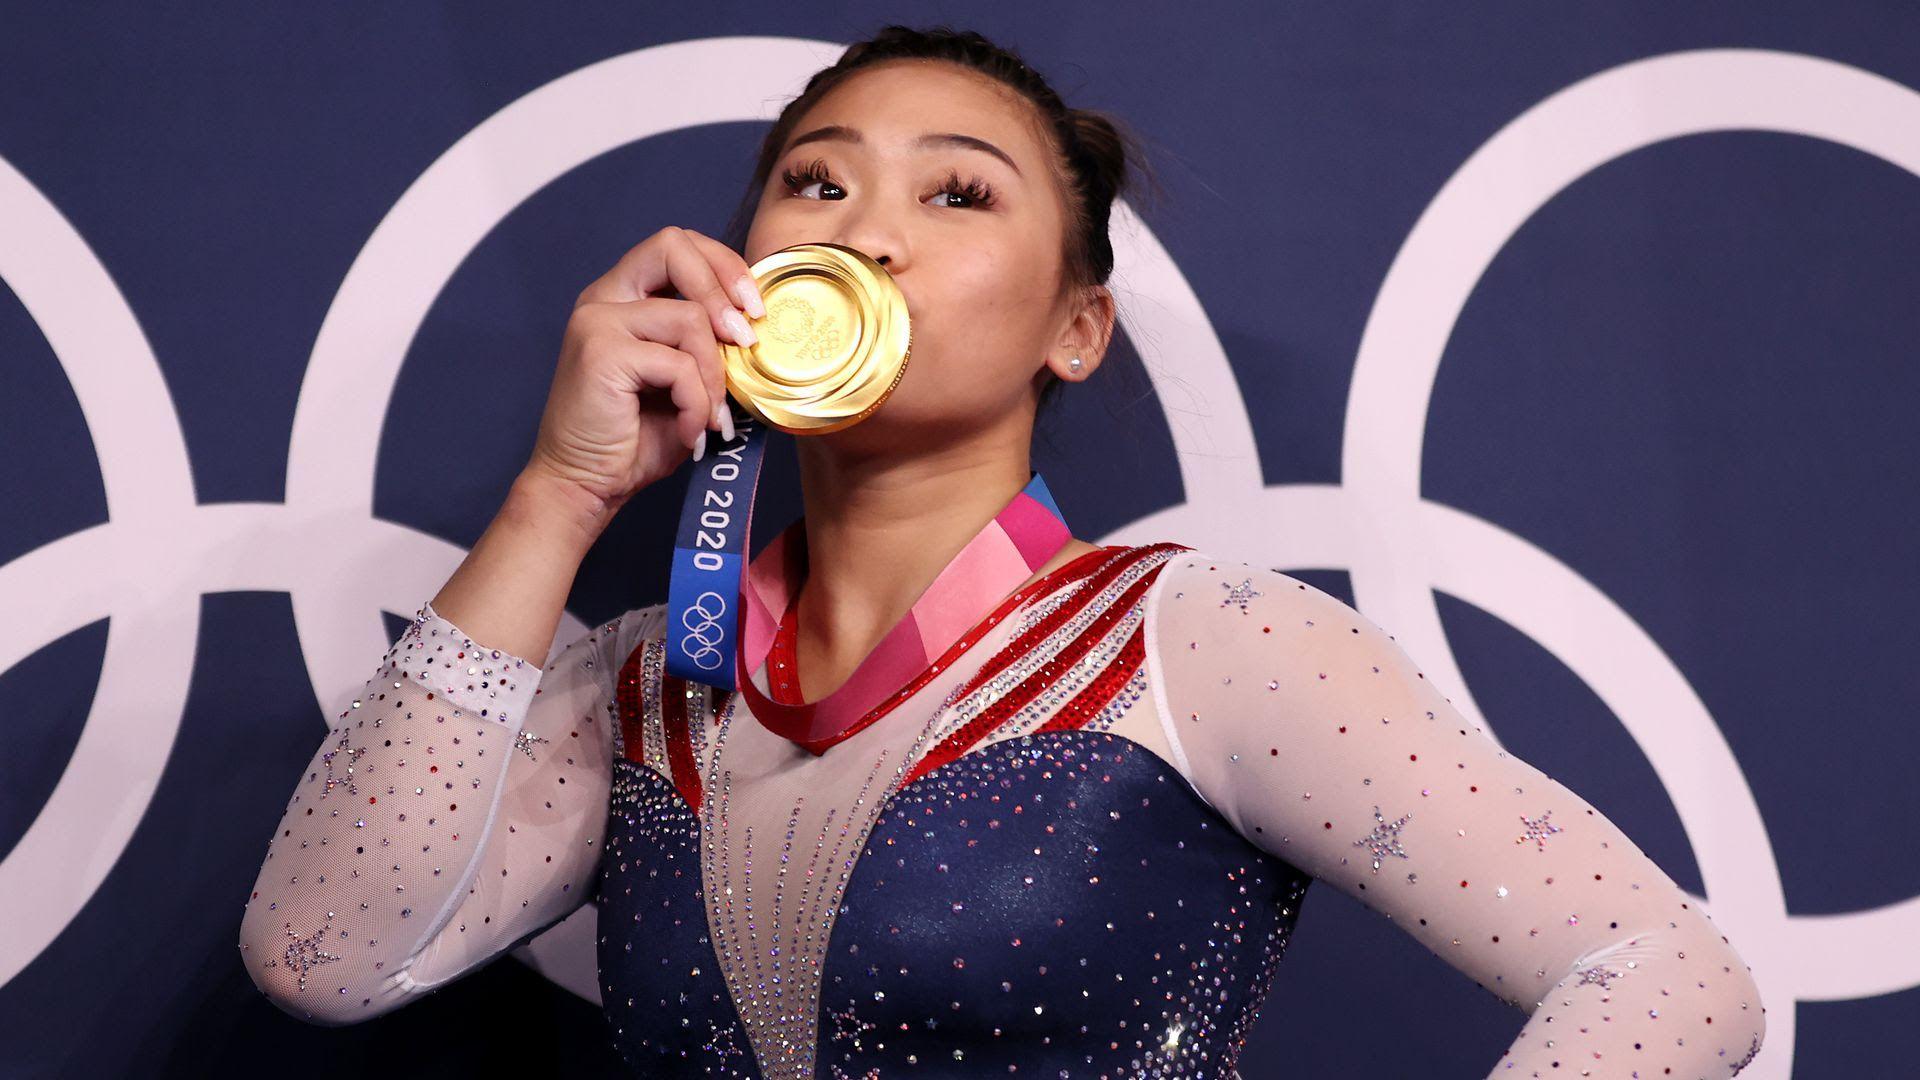 Suni Lee kisses her gold medal in Tokyo.